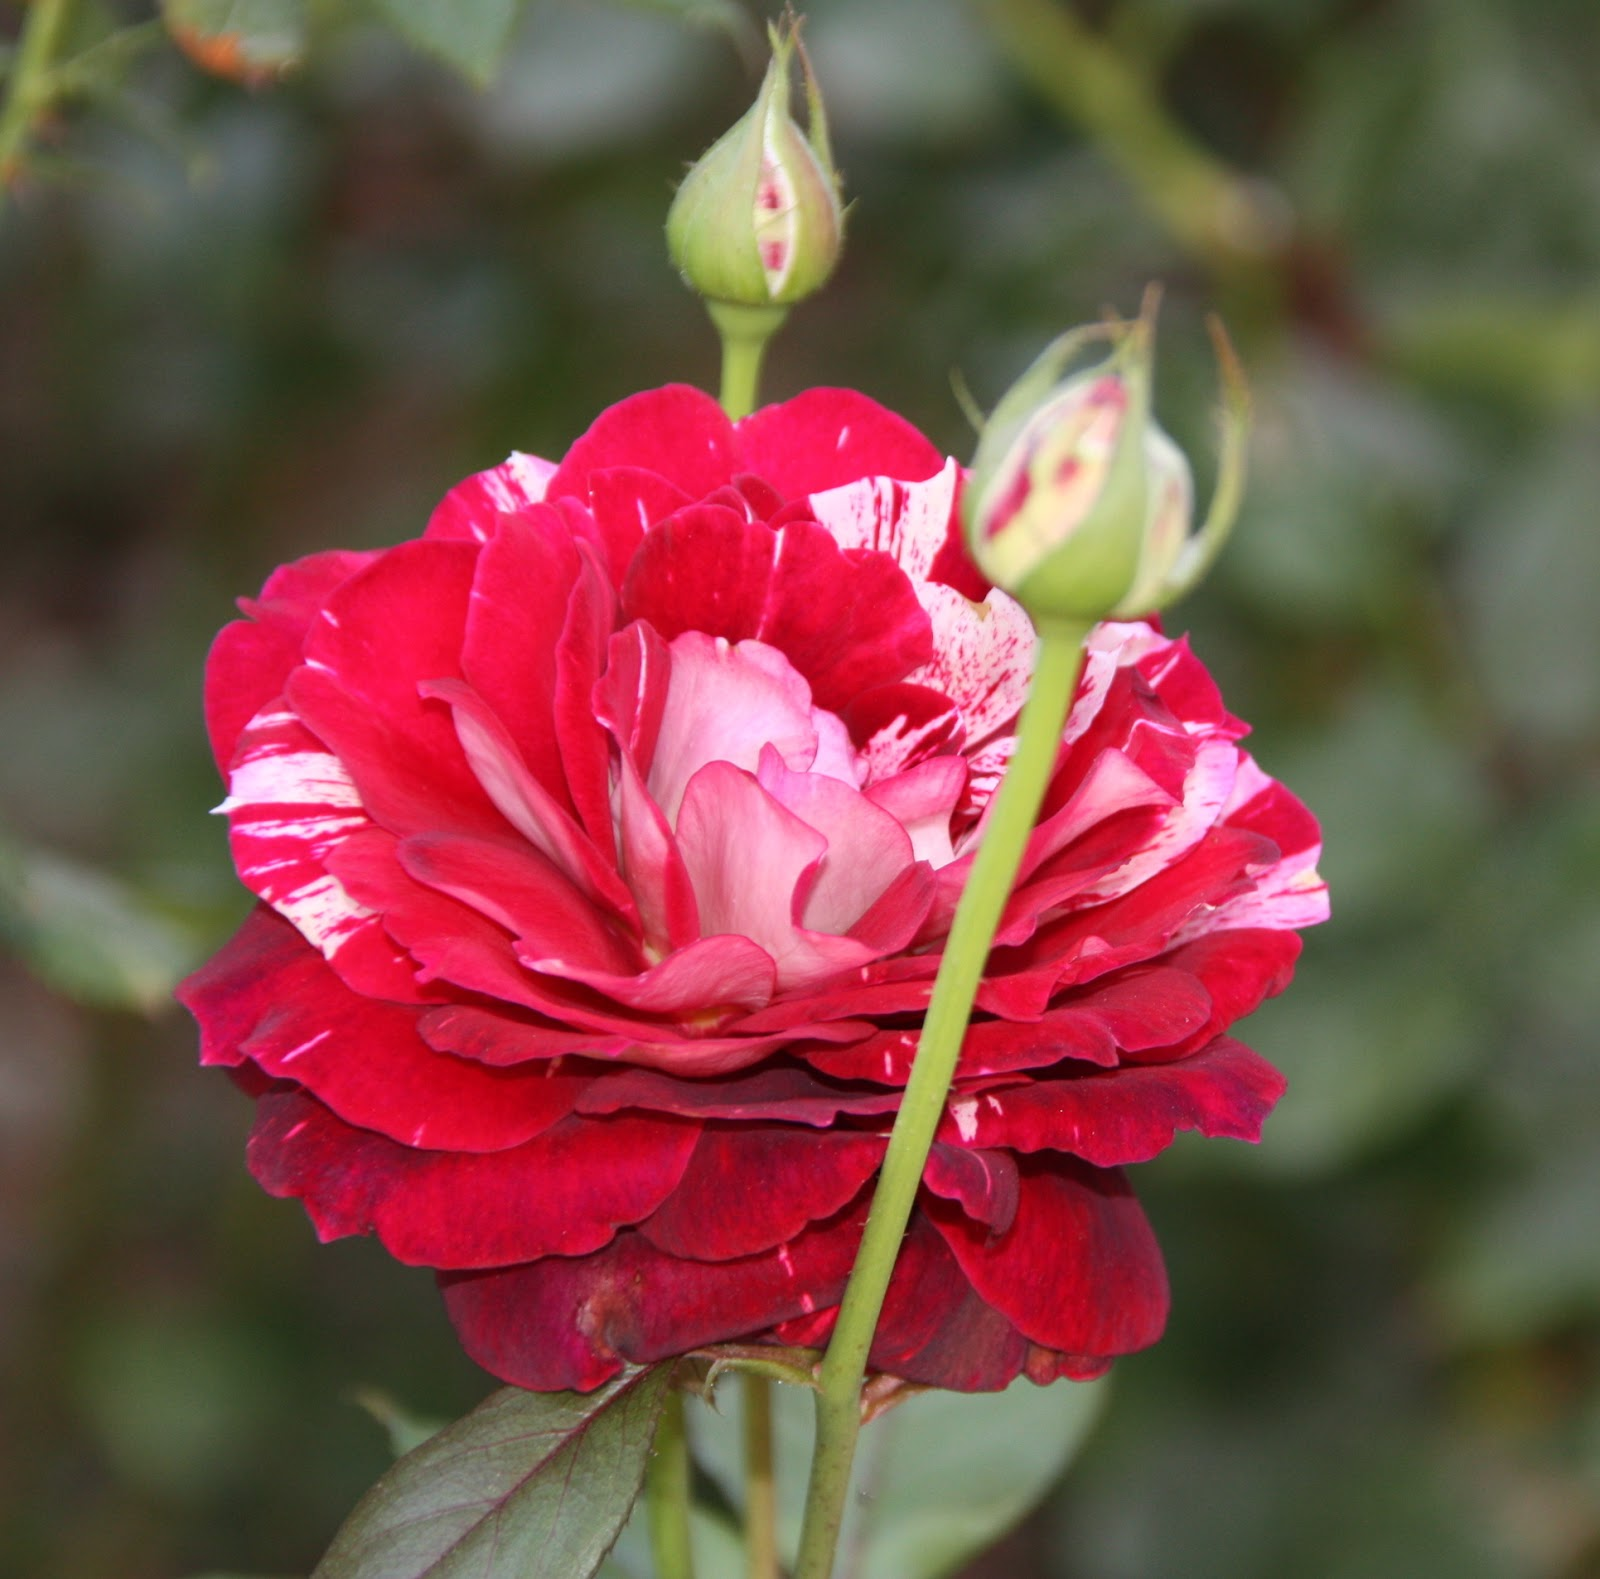 Imagenes De Flores Divertidas - Flores Divertidas Fotografía de archivo Imagen: 26944582